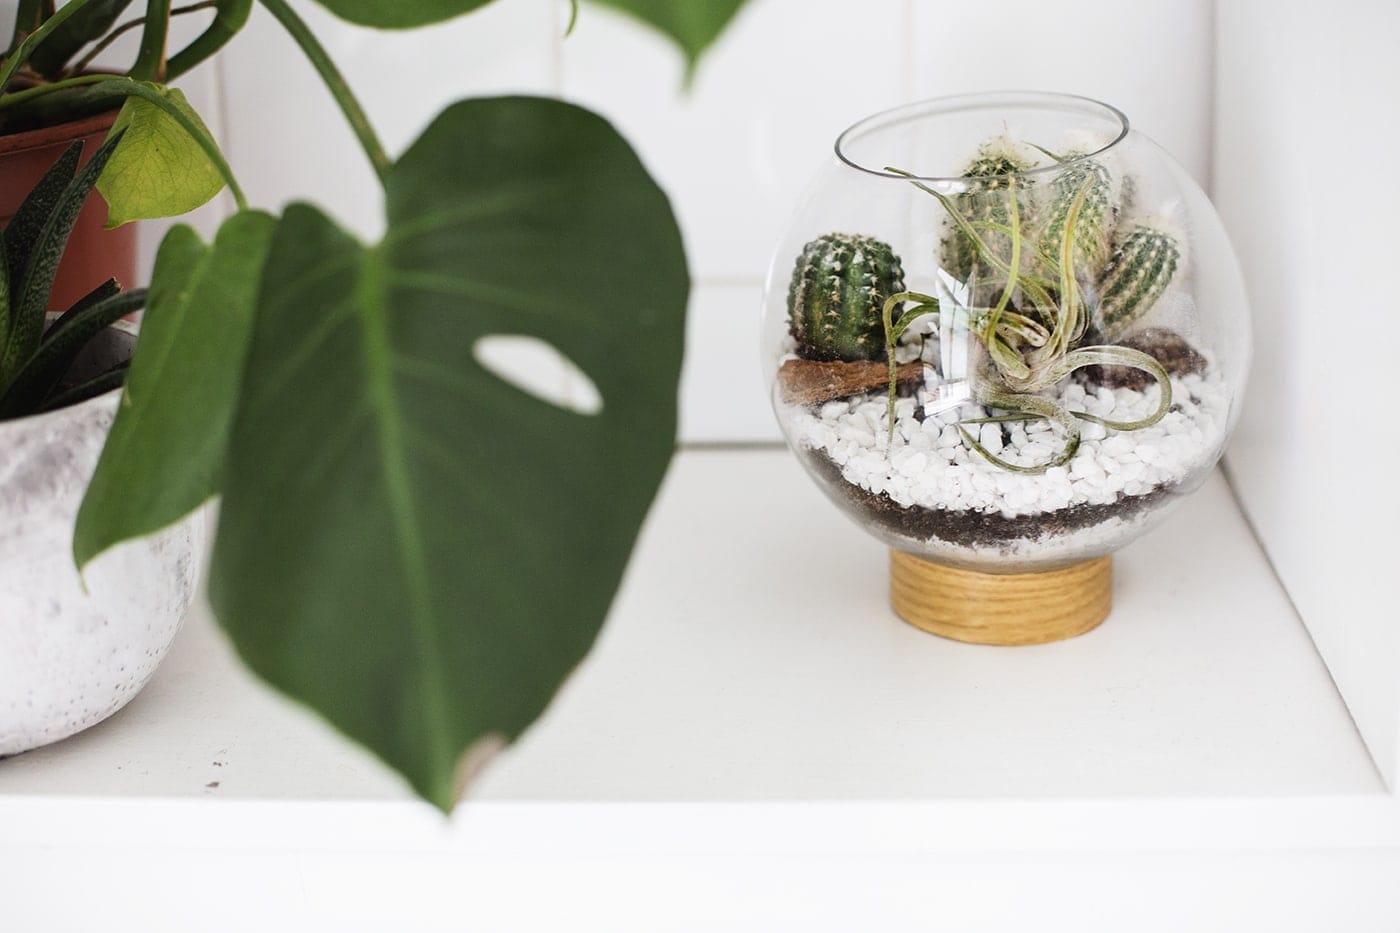 DIY mid century terranium idea | easy crafts | DIY project